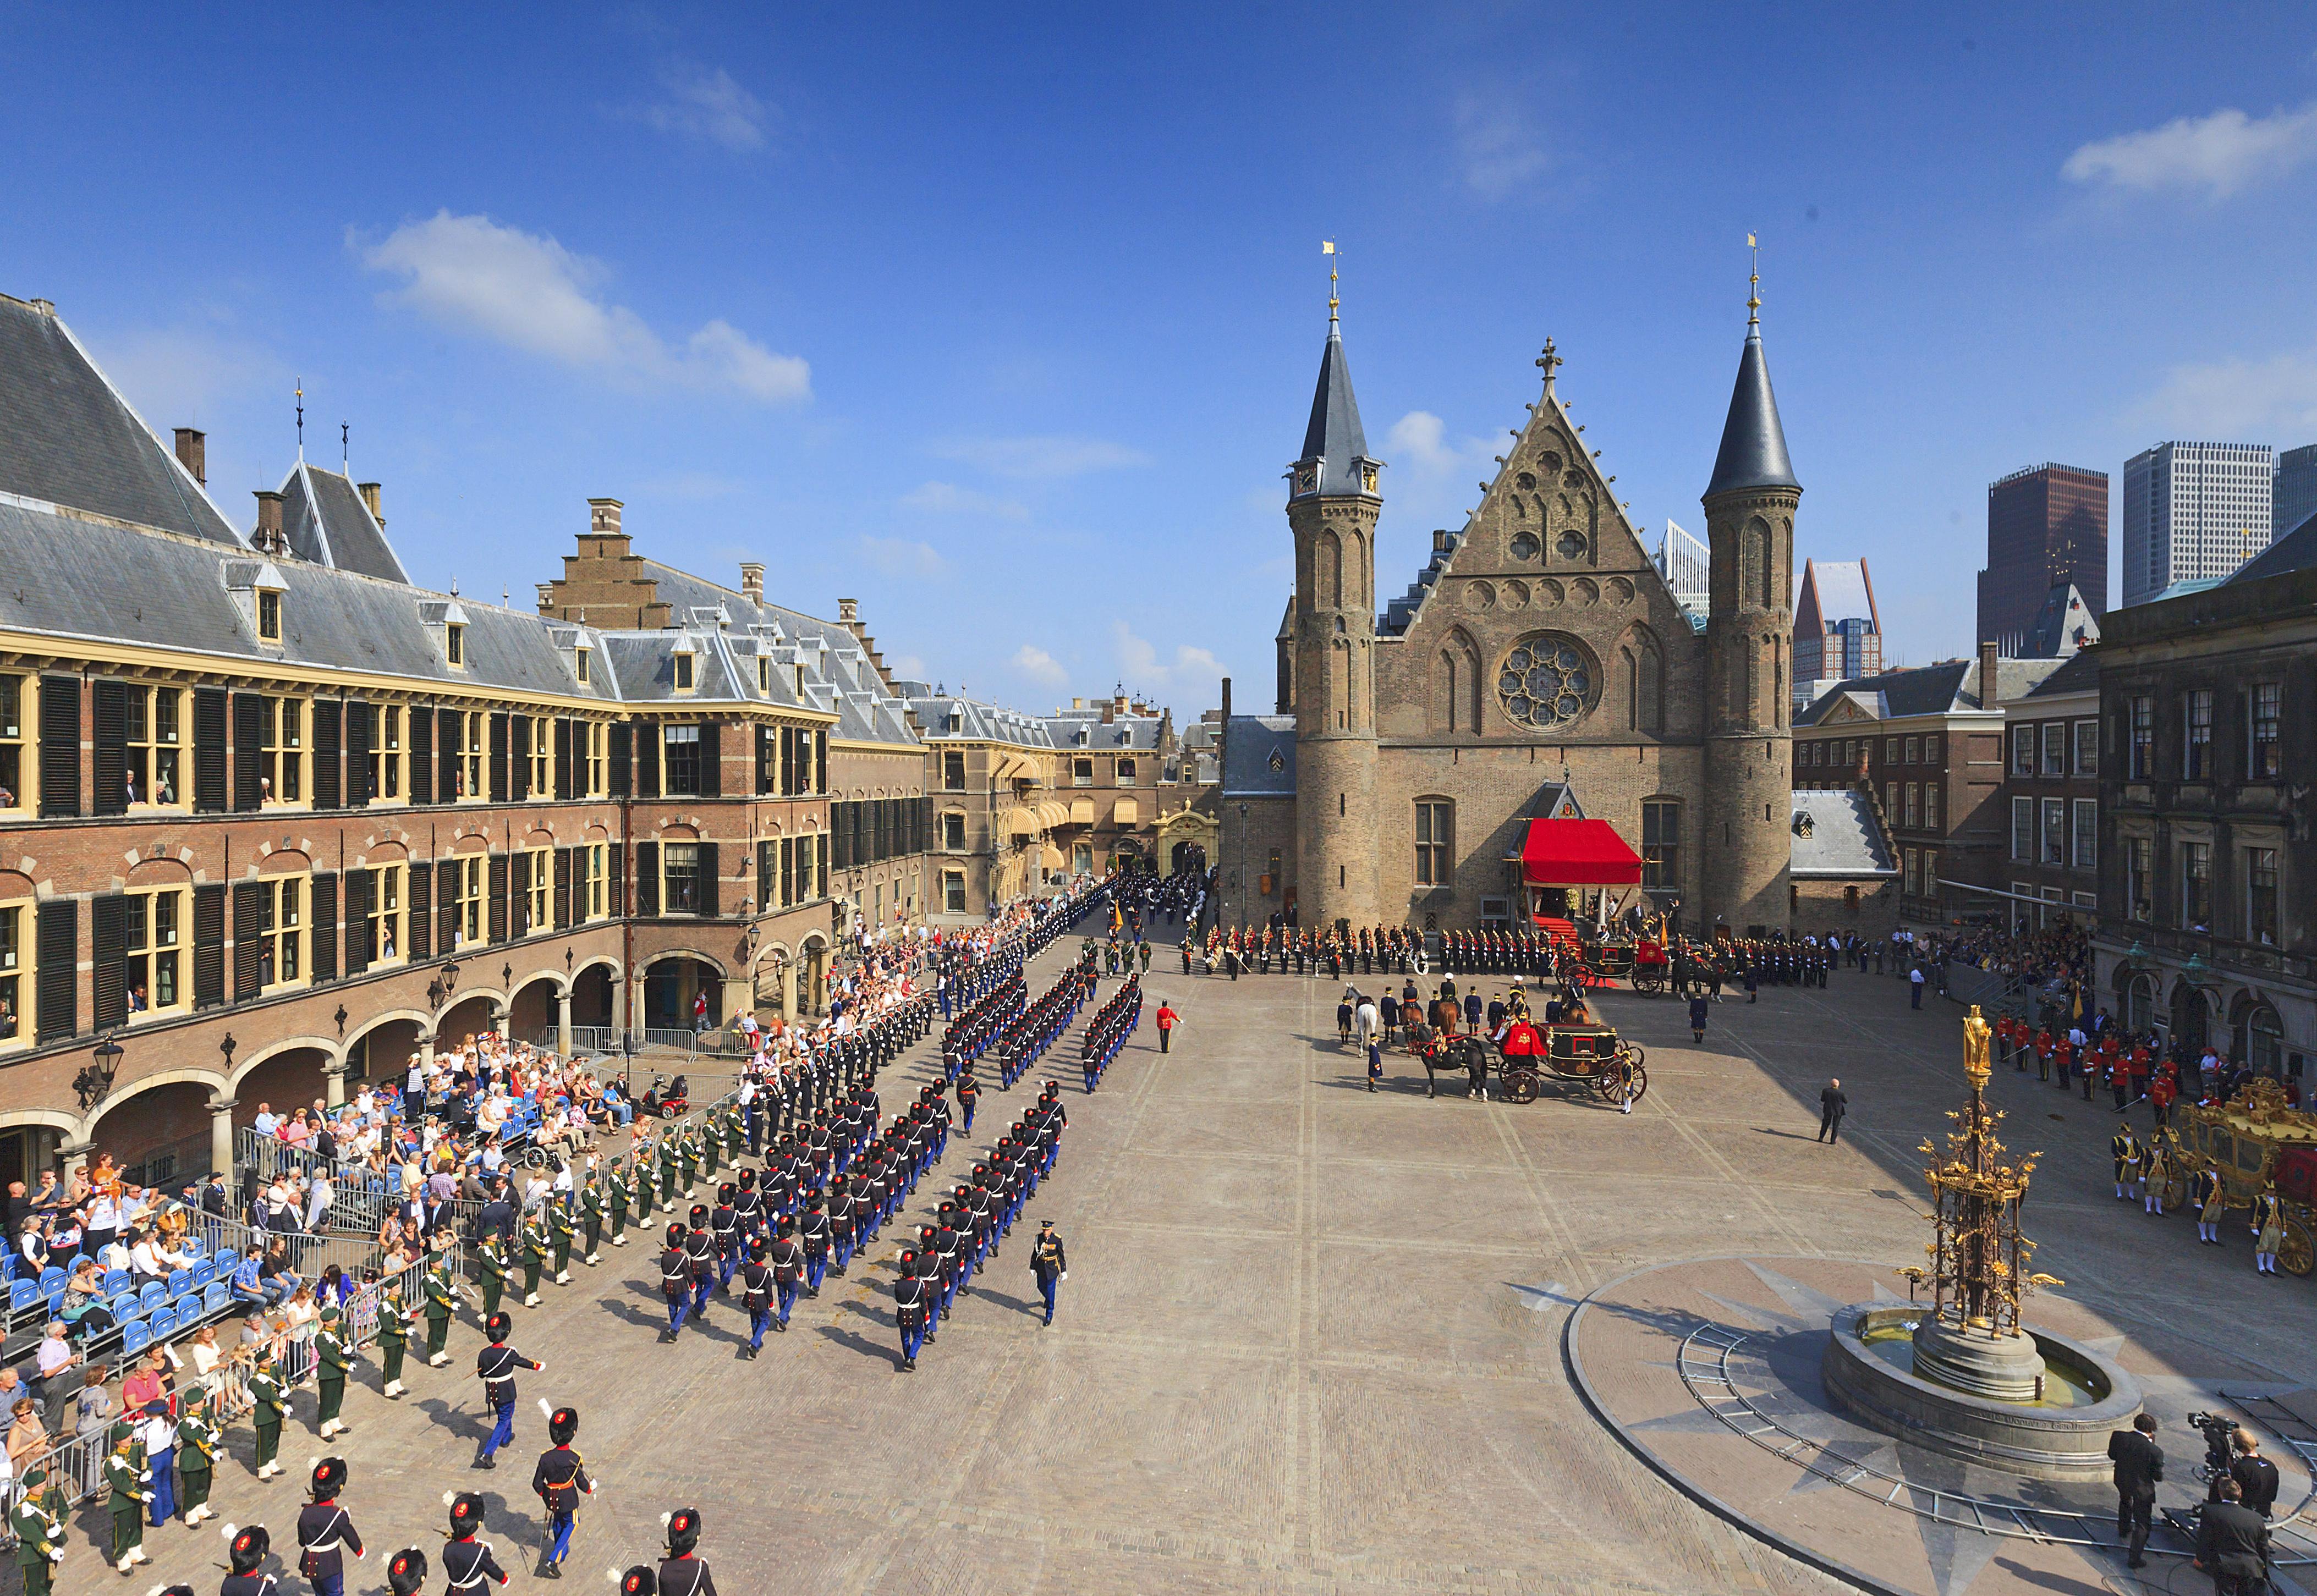 Anstehende Ereignisse In Den Haag